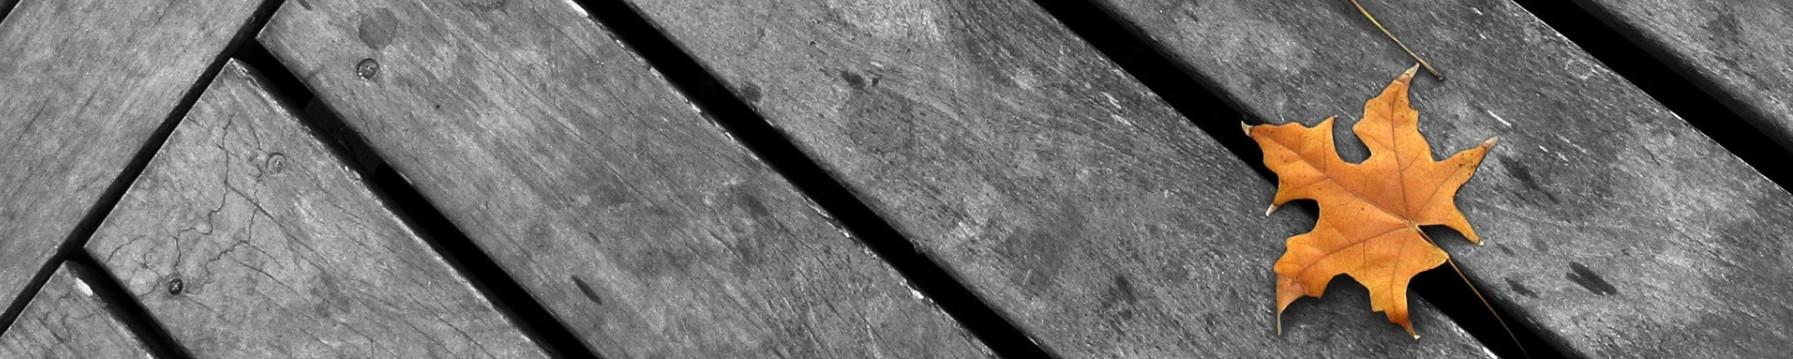 minimalizm-serye-doski-osen_1793x359